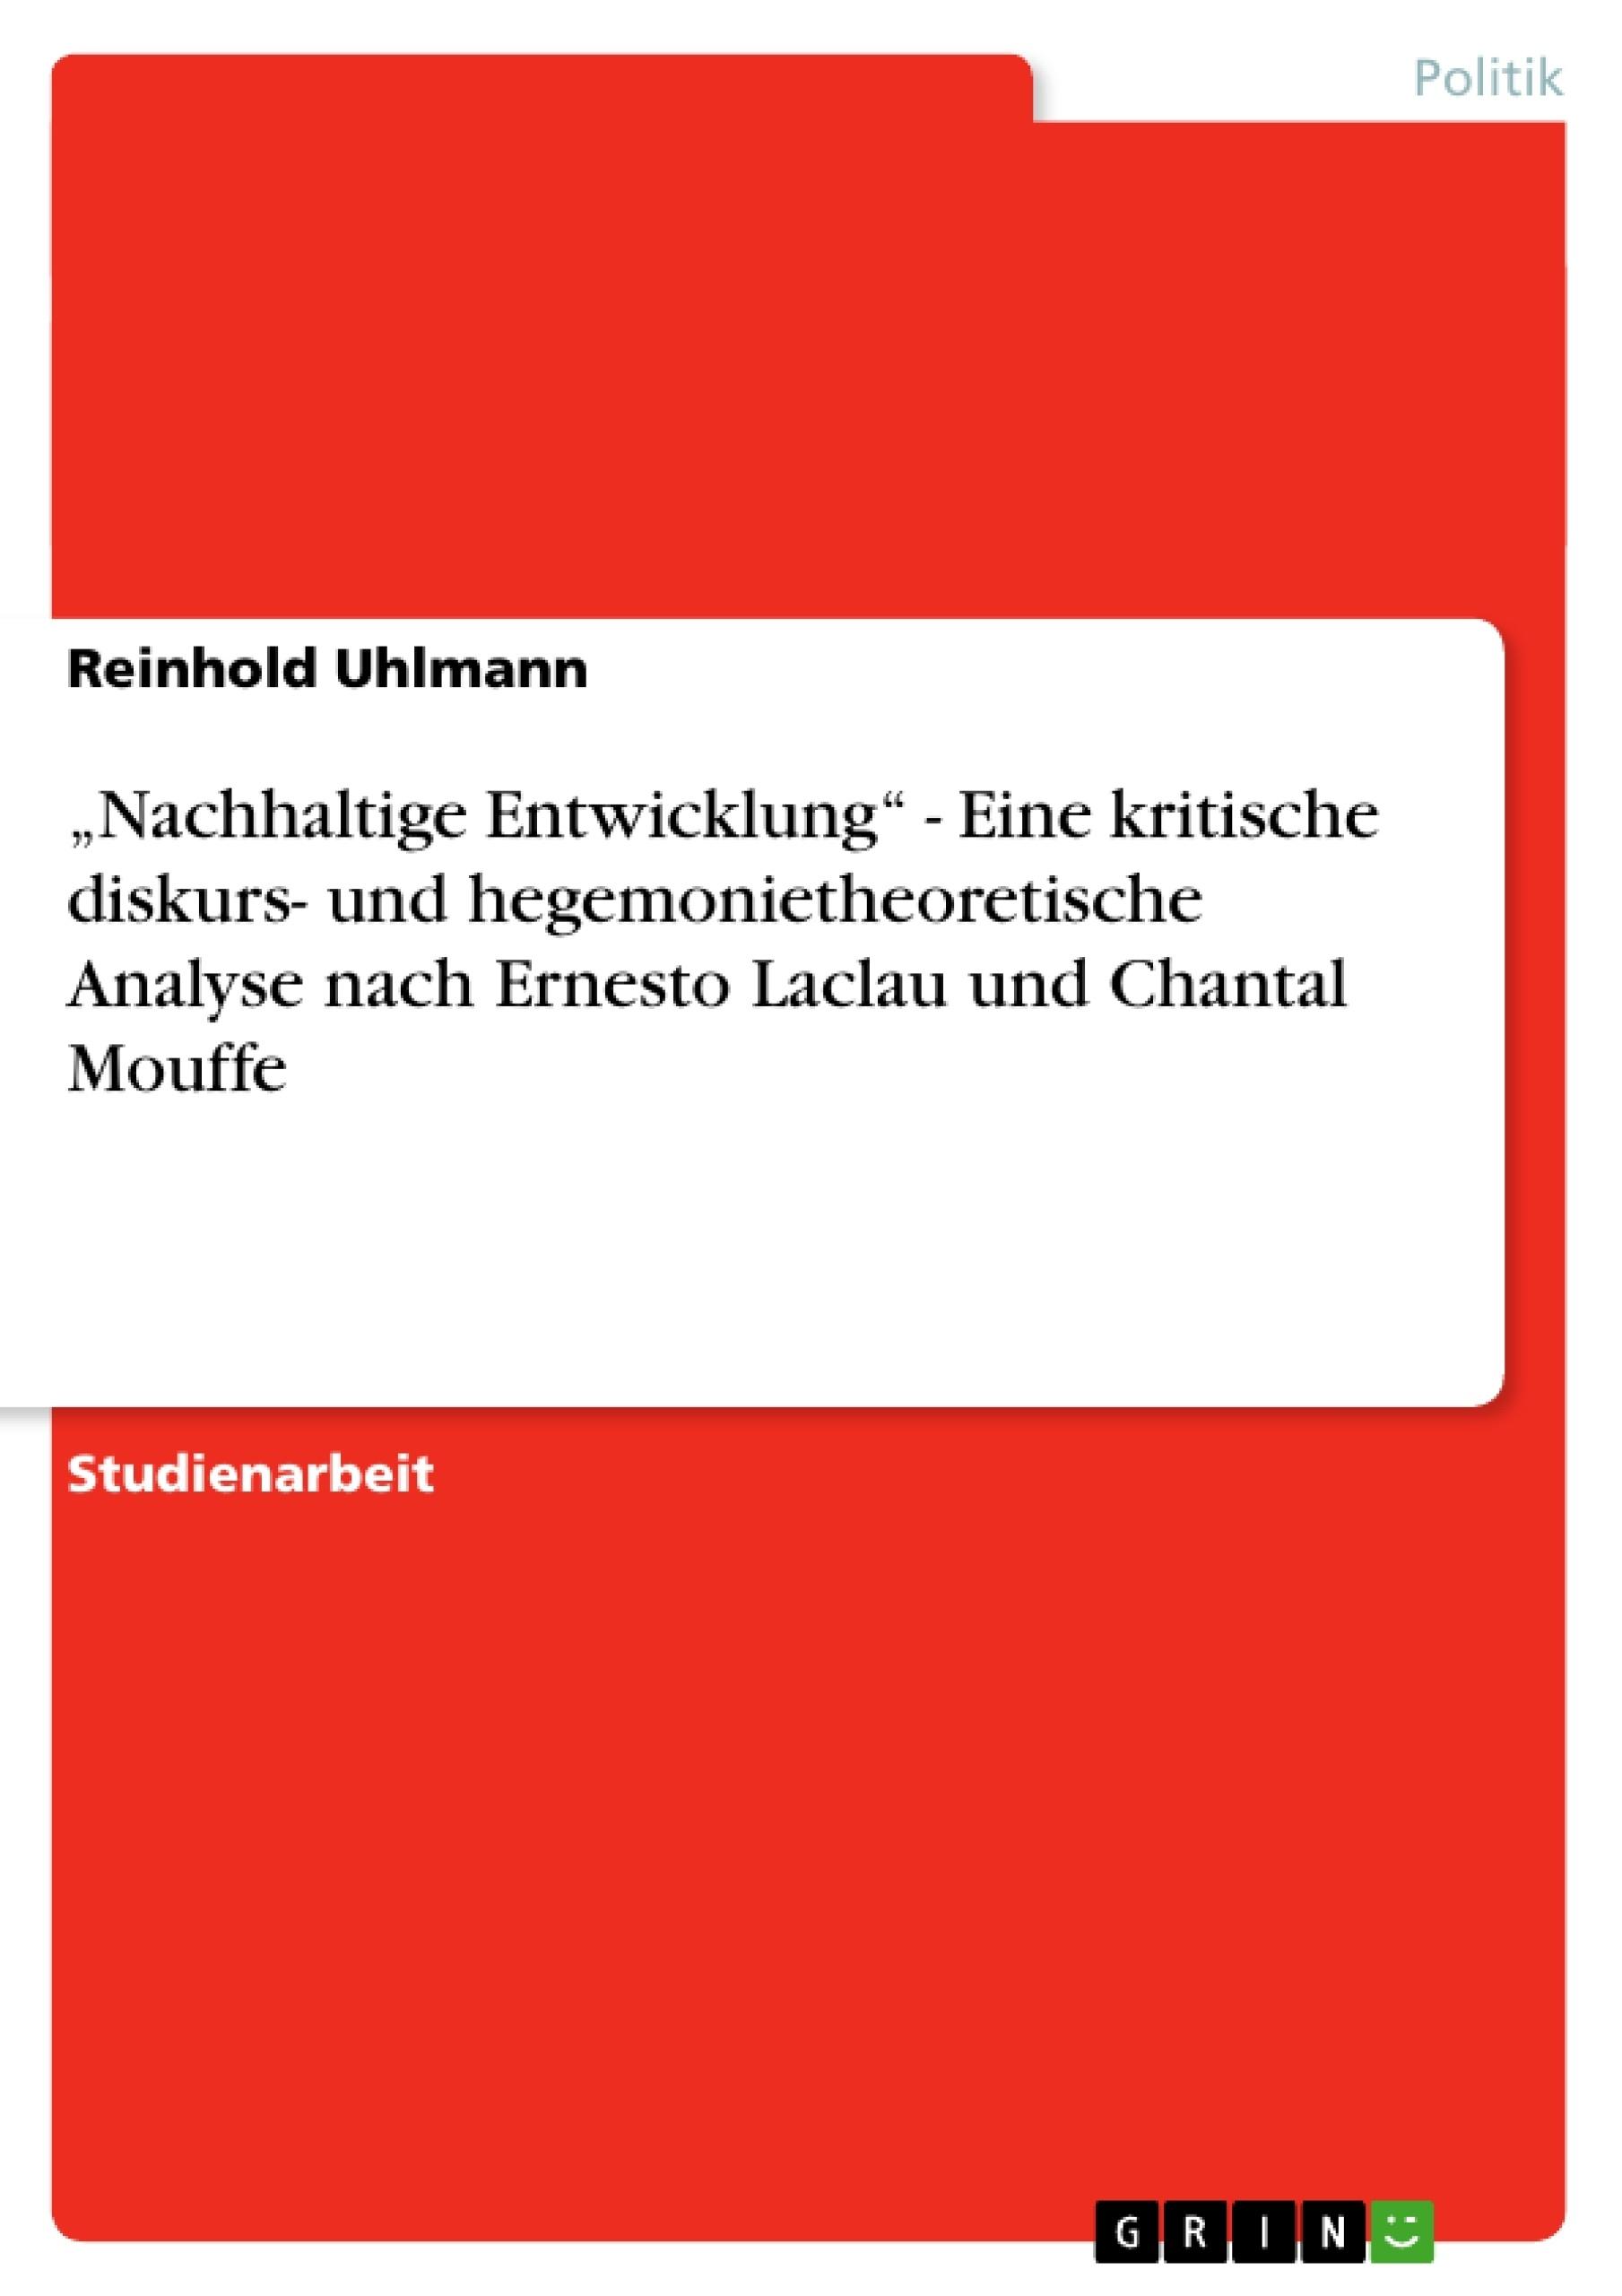 """Titel: """"Nachhaltige Entwicklung"""" - Eine kritische diskurs- und hegemonietheoretische Analyse nach Ernesto Laclau und Chantal Mouffe"""